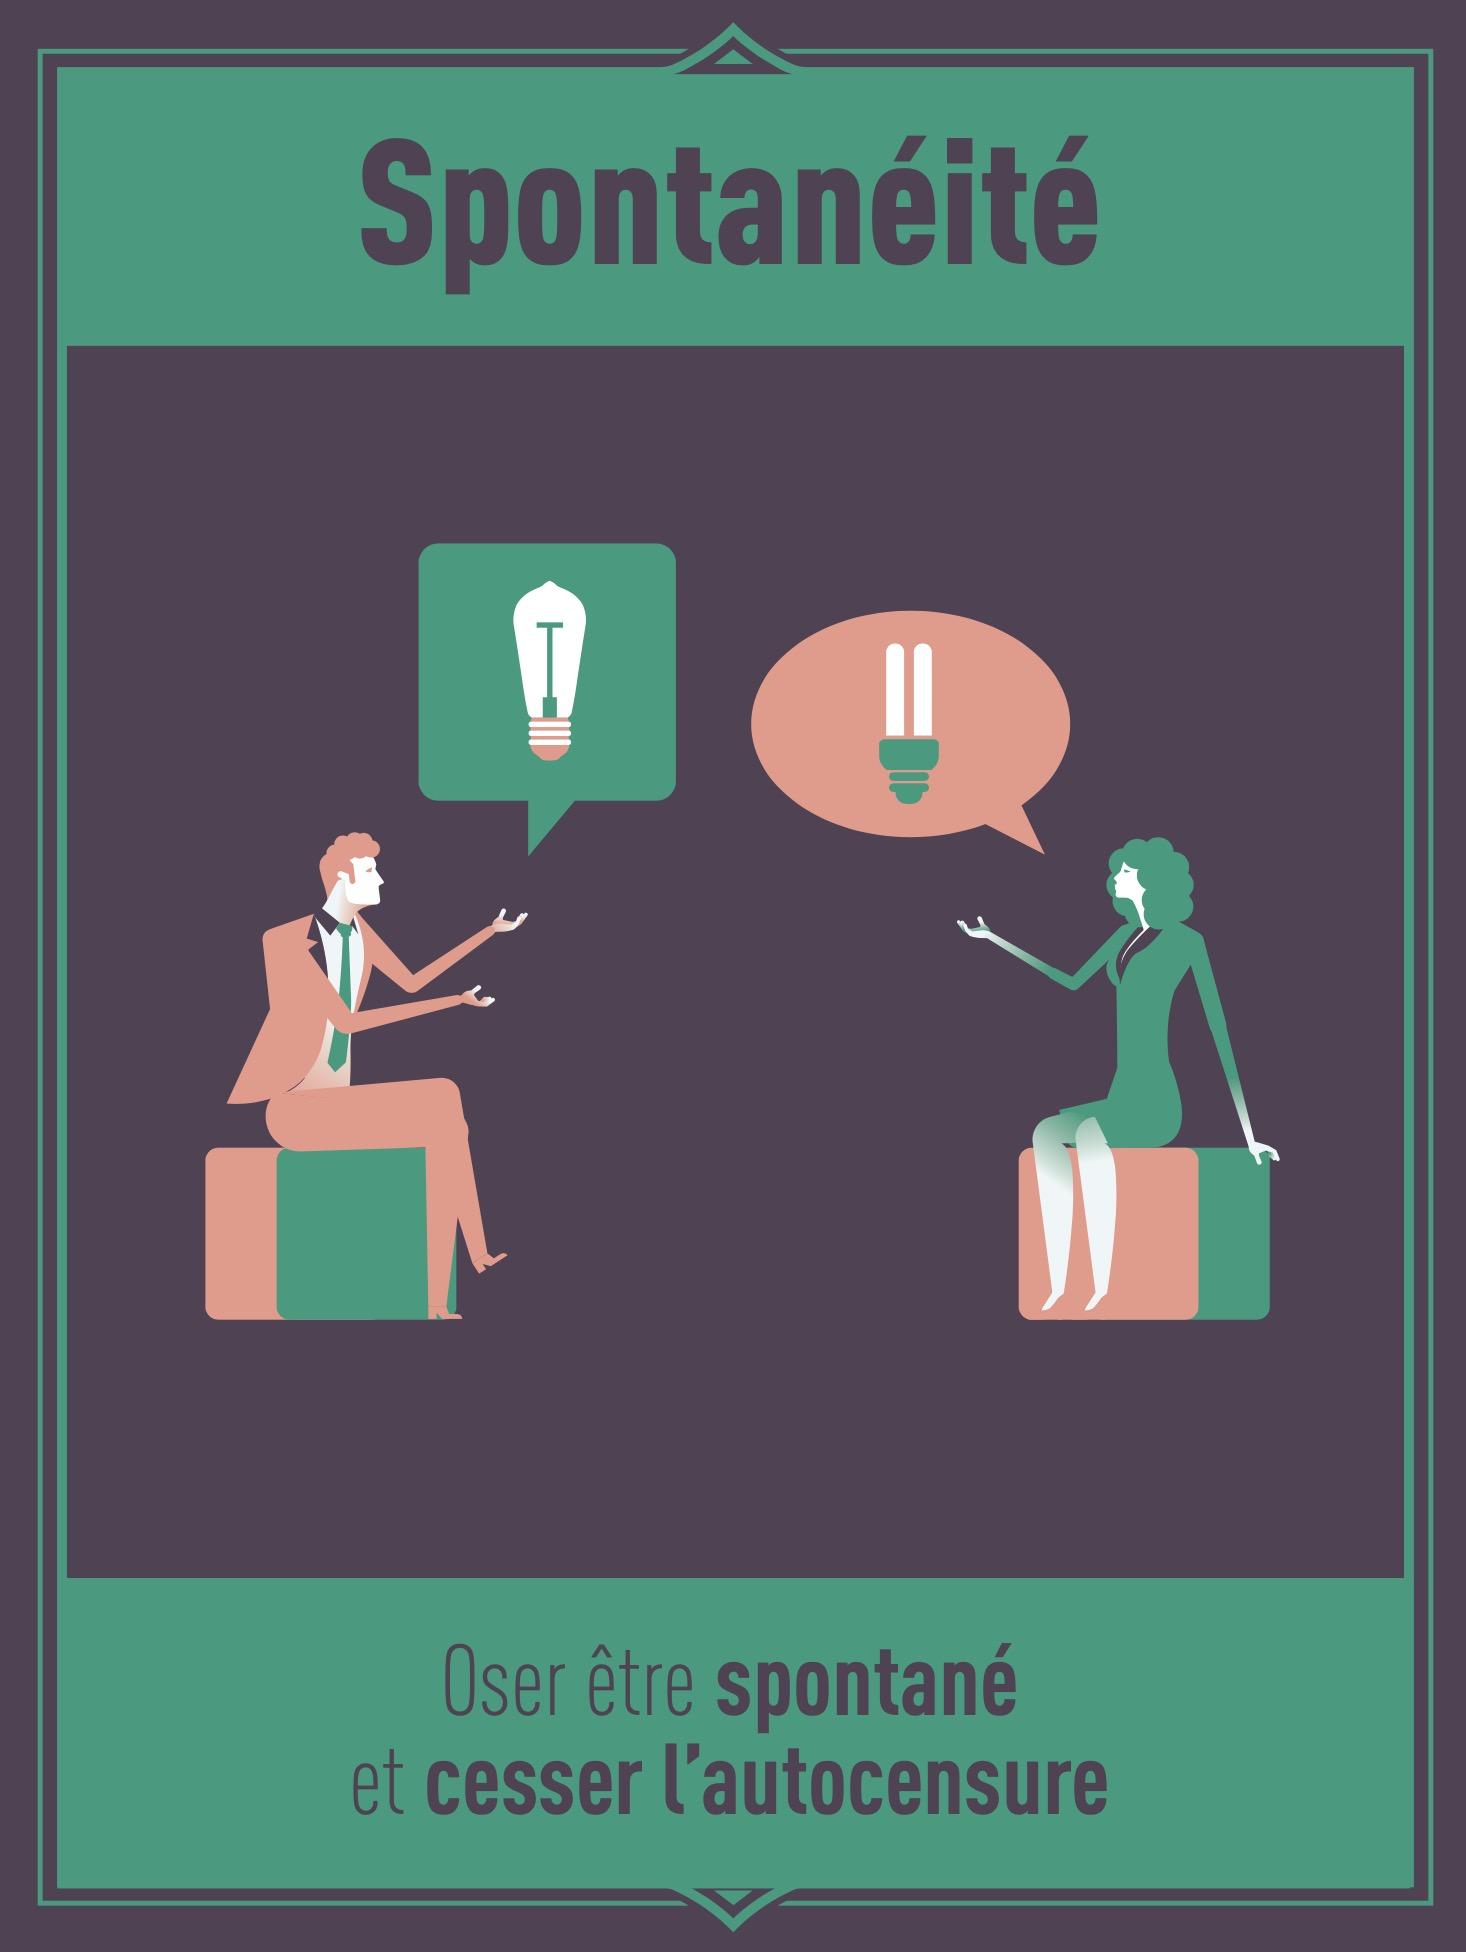 Spontanéité : oser être spontané et cesser l'autocensure